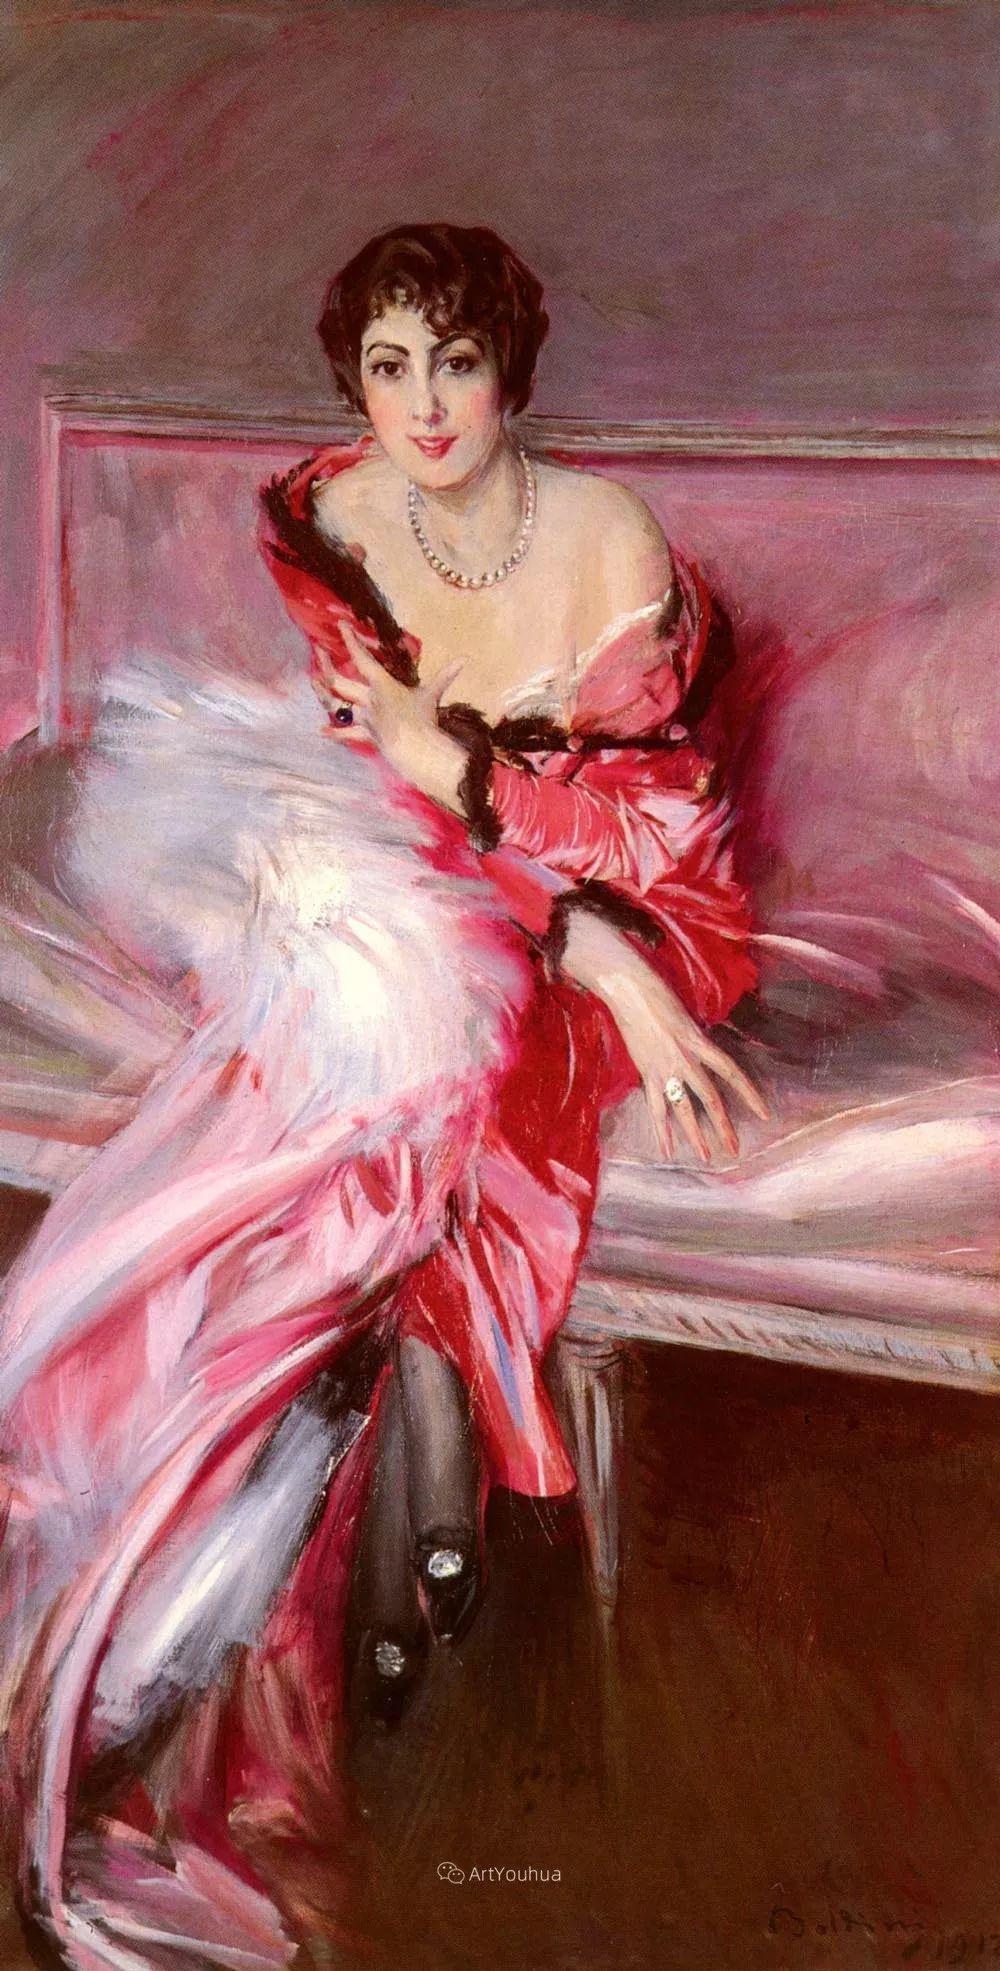 两种不同画风的美女,你喜欢哪一种!意大利画家Giovanni Boldini作品集插图38